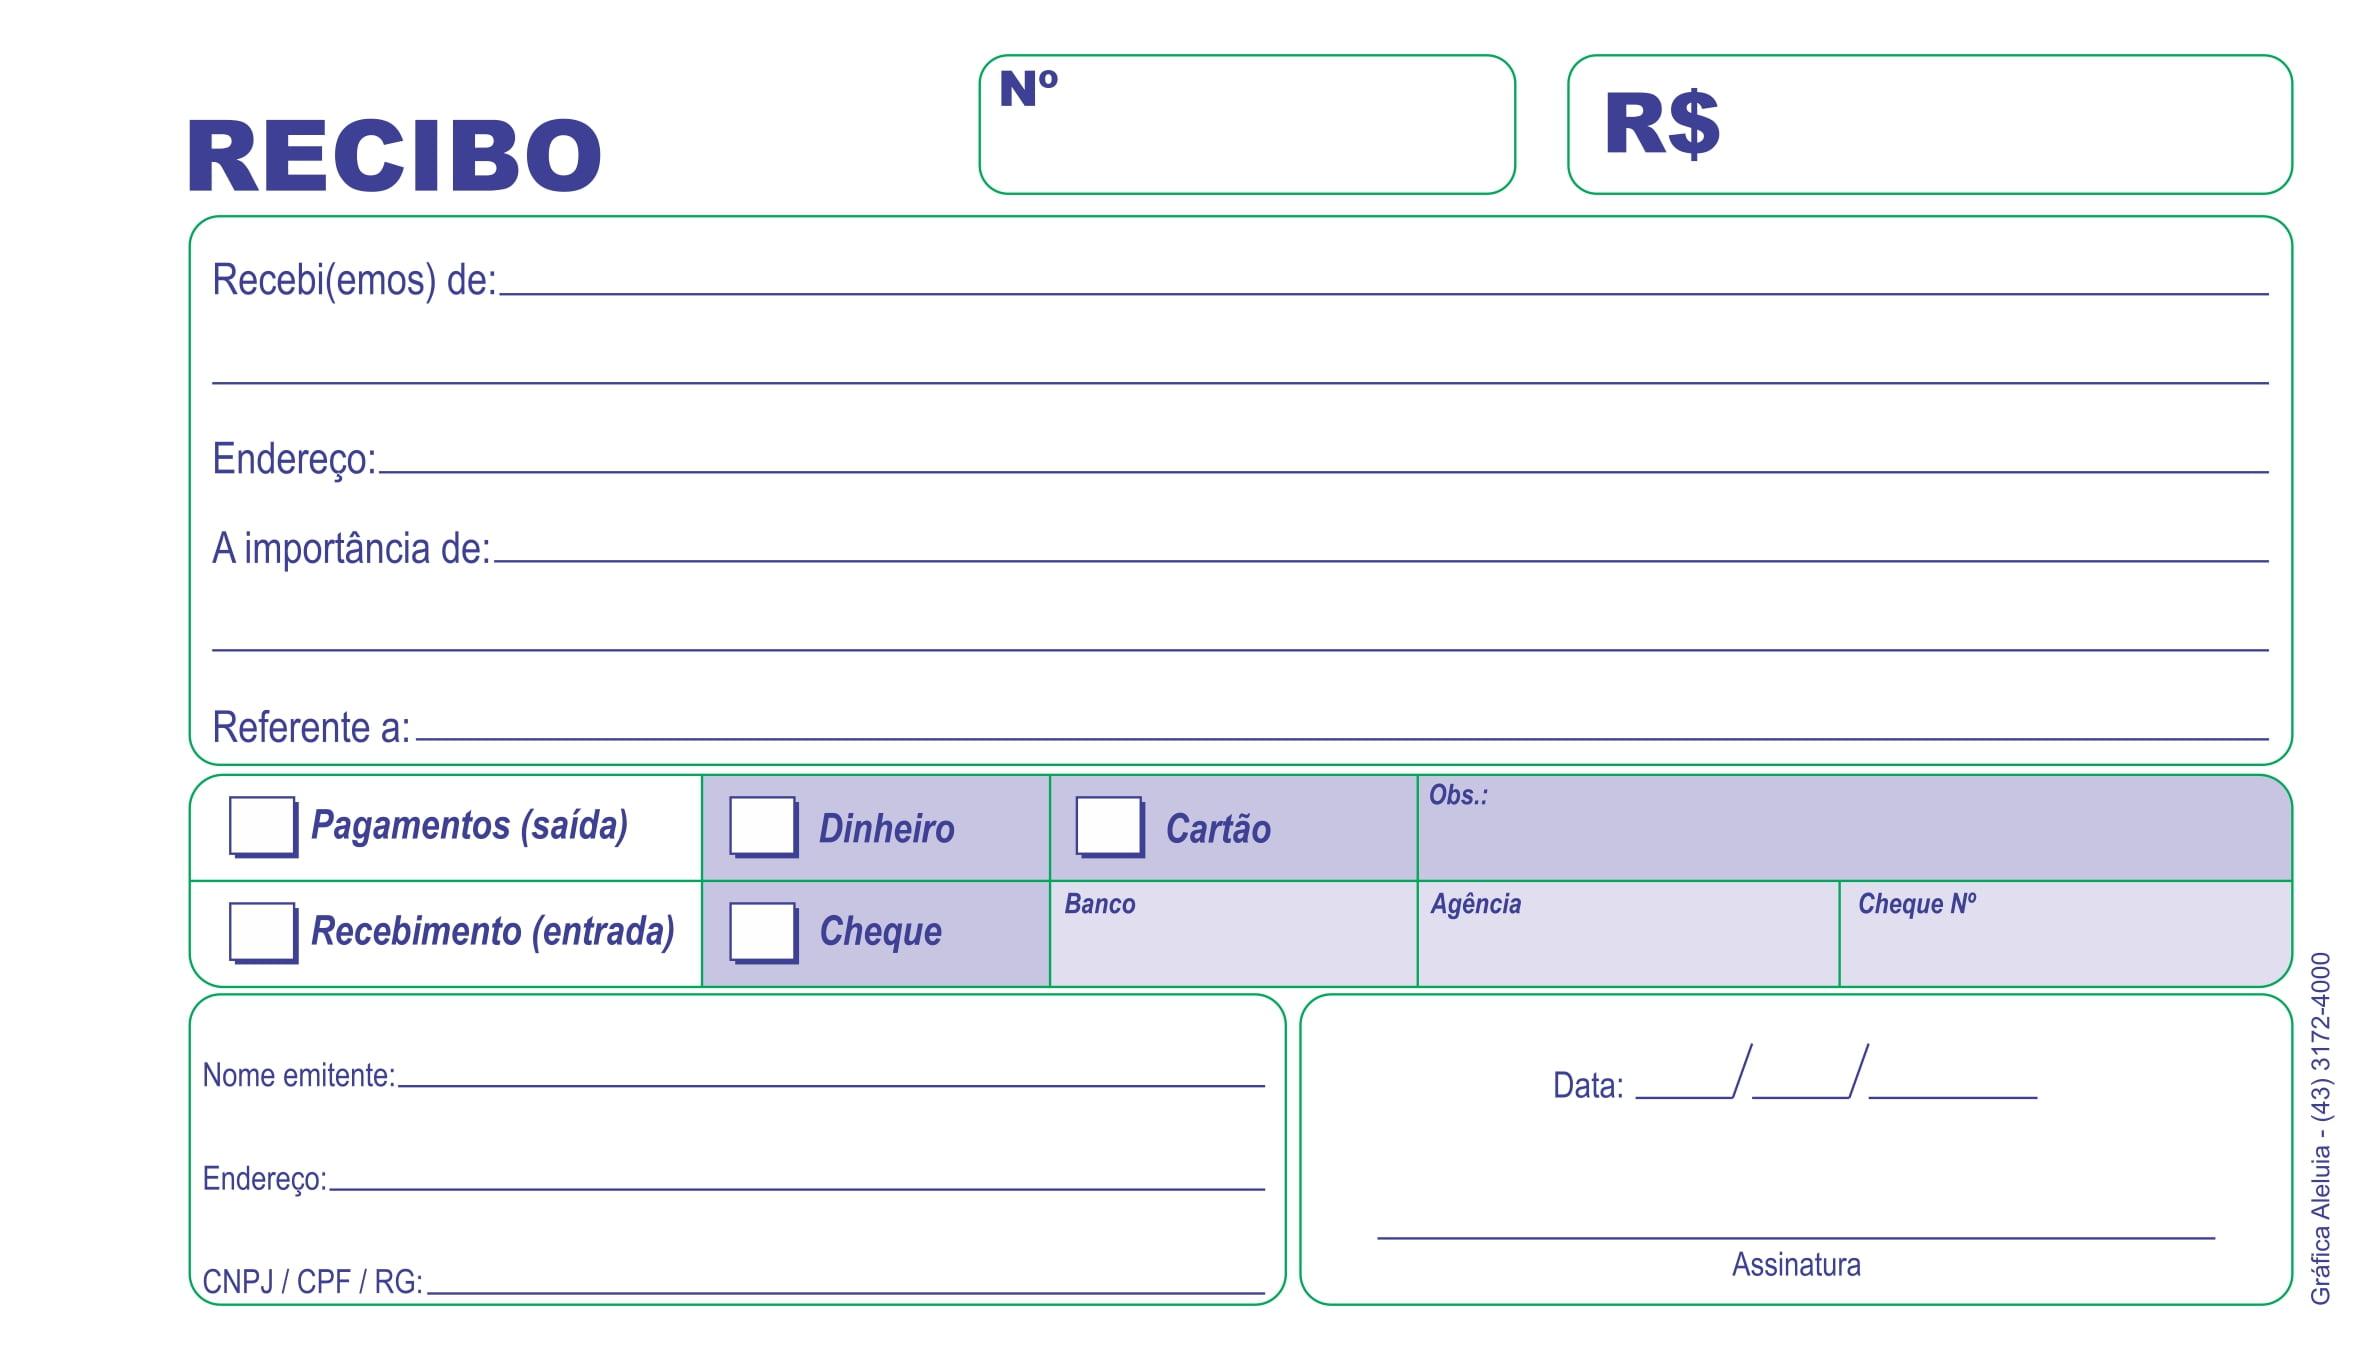 TALÃO DE RECIBO EXTRA COPY 11X21 CM - INTERDENOMINACIONAL